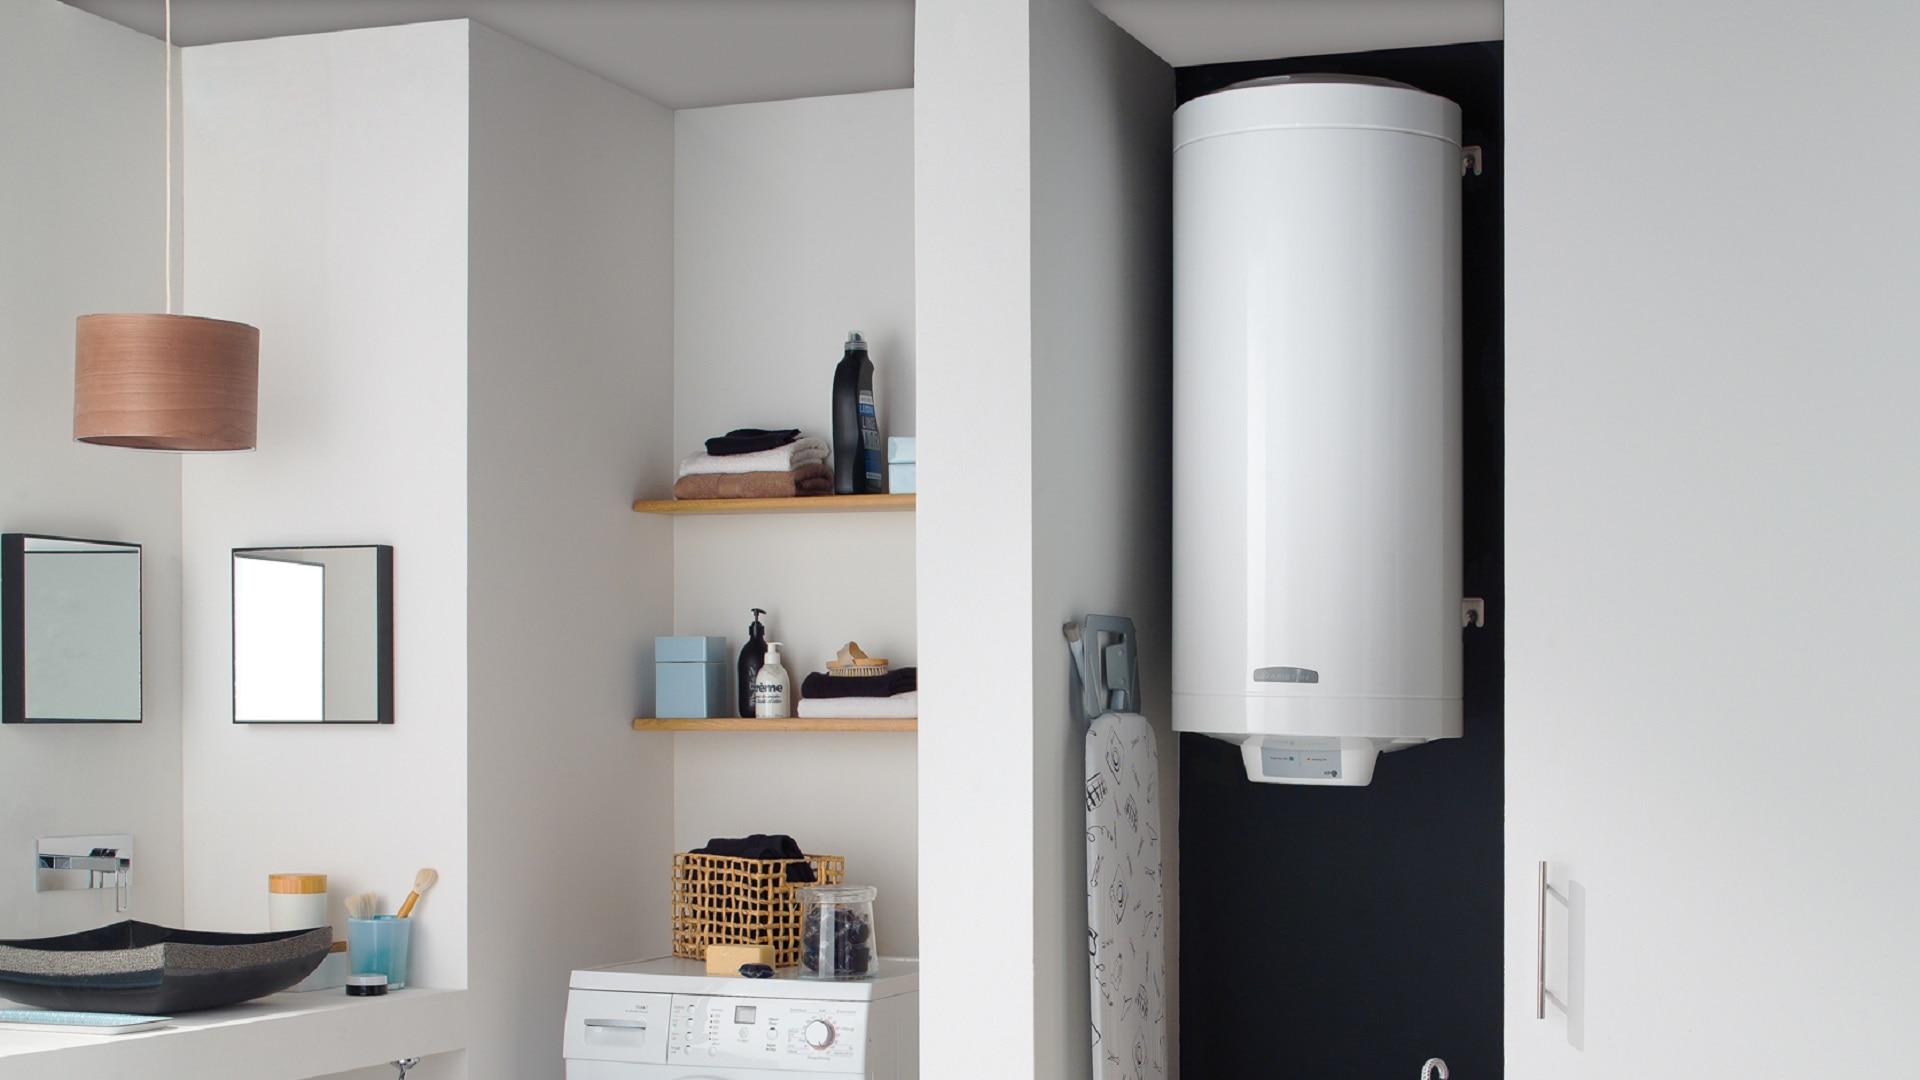 installation de chauffe eau électrique 100 Litres